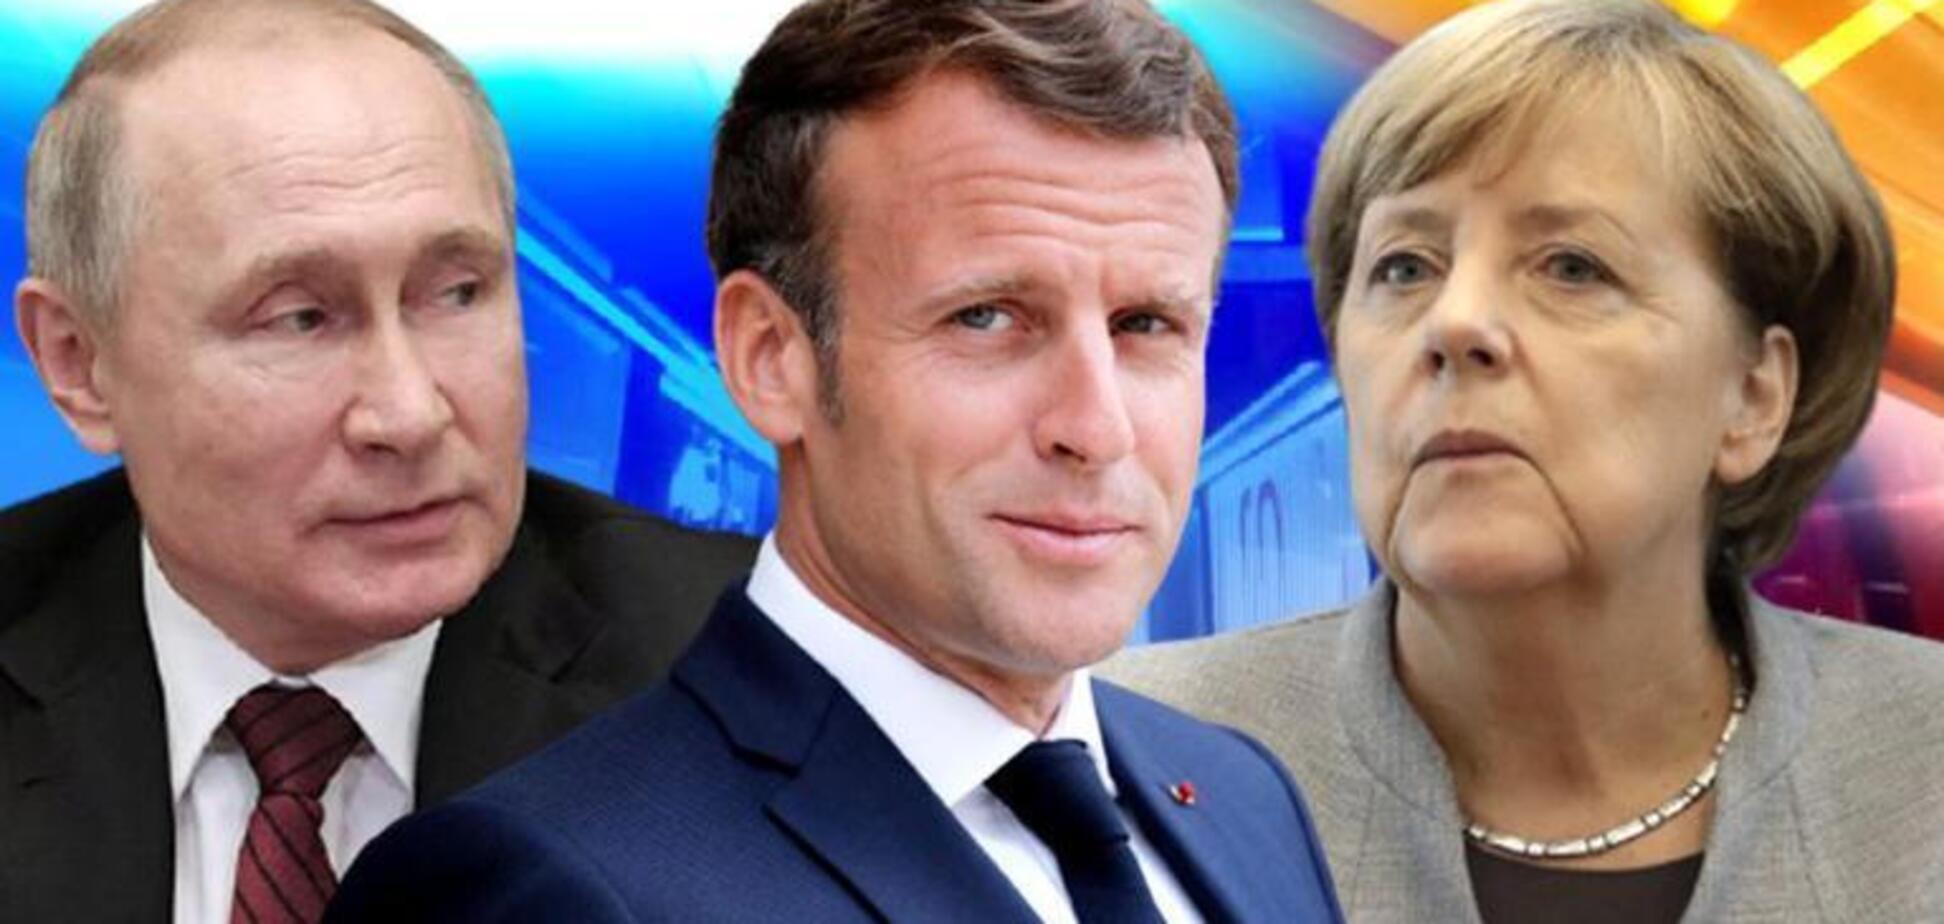 Меркель и Макрон не смогли легитимизировать диктатора Путина